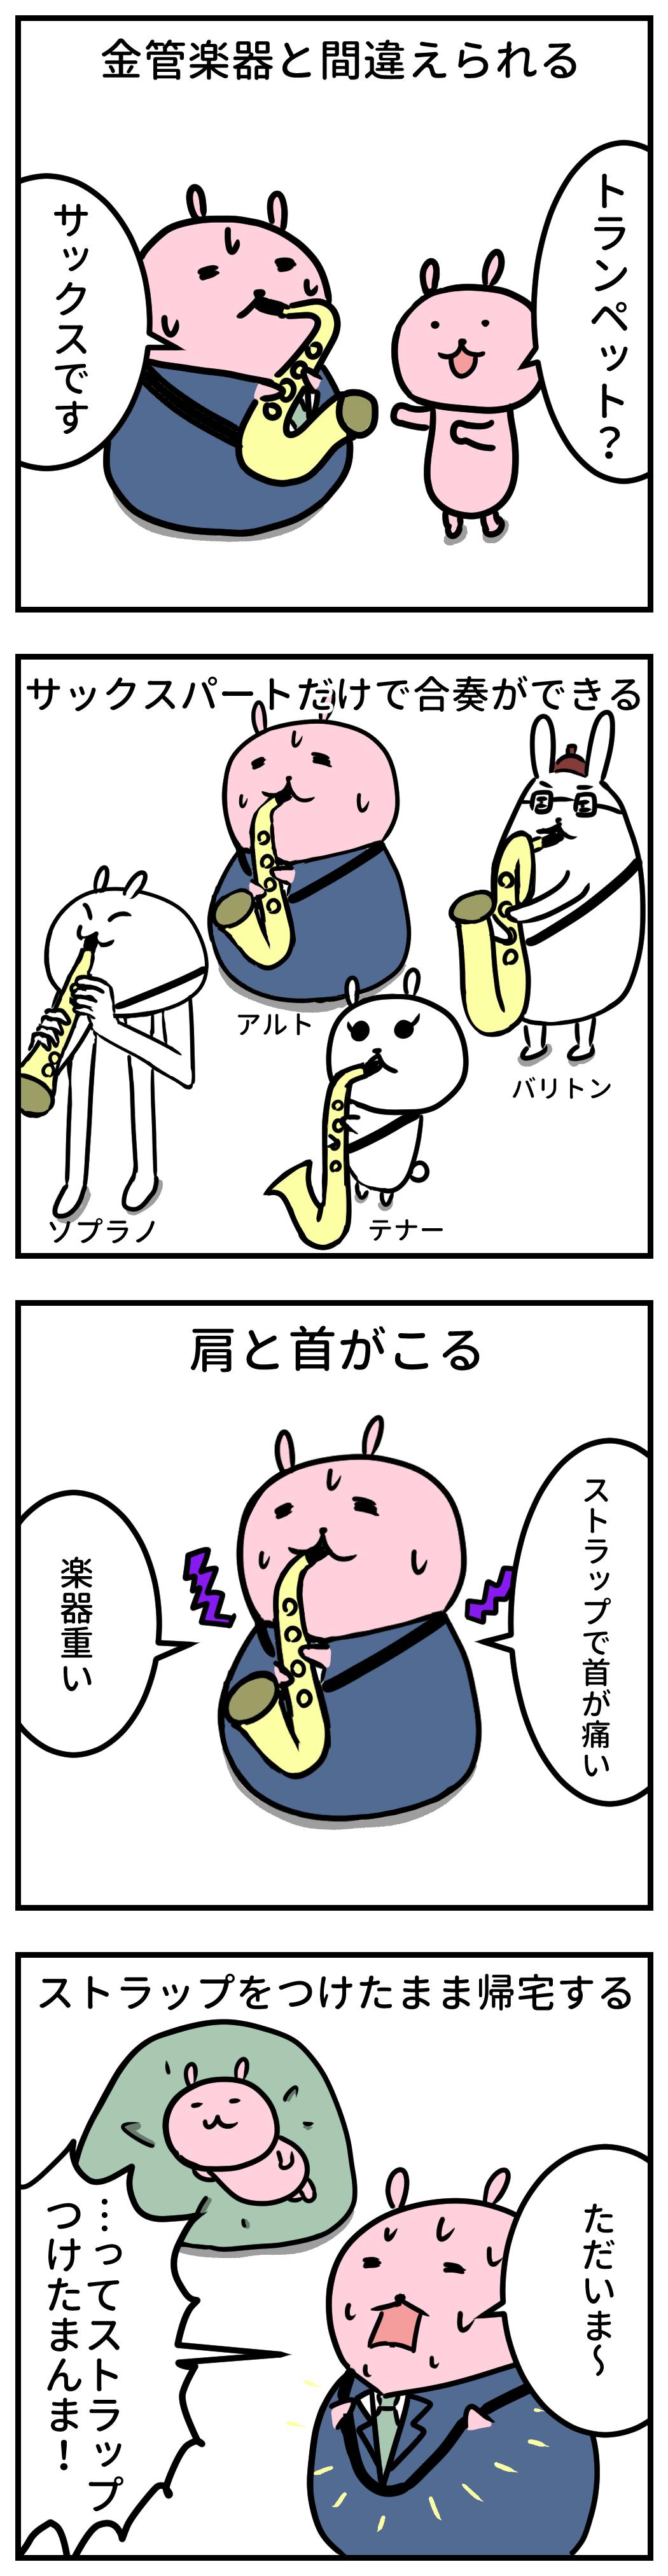 吹奏楽部あるある サックス